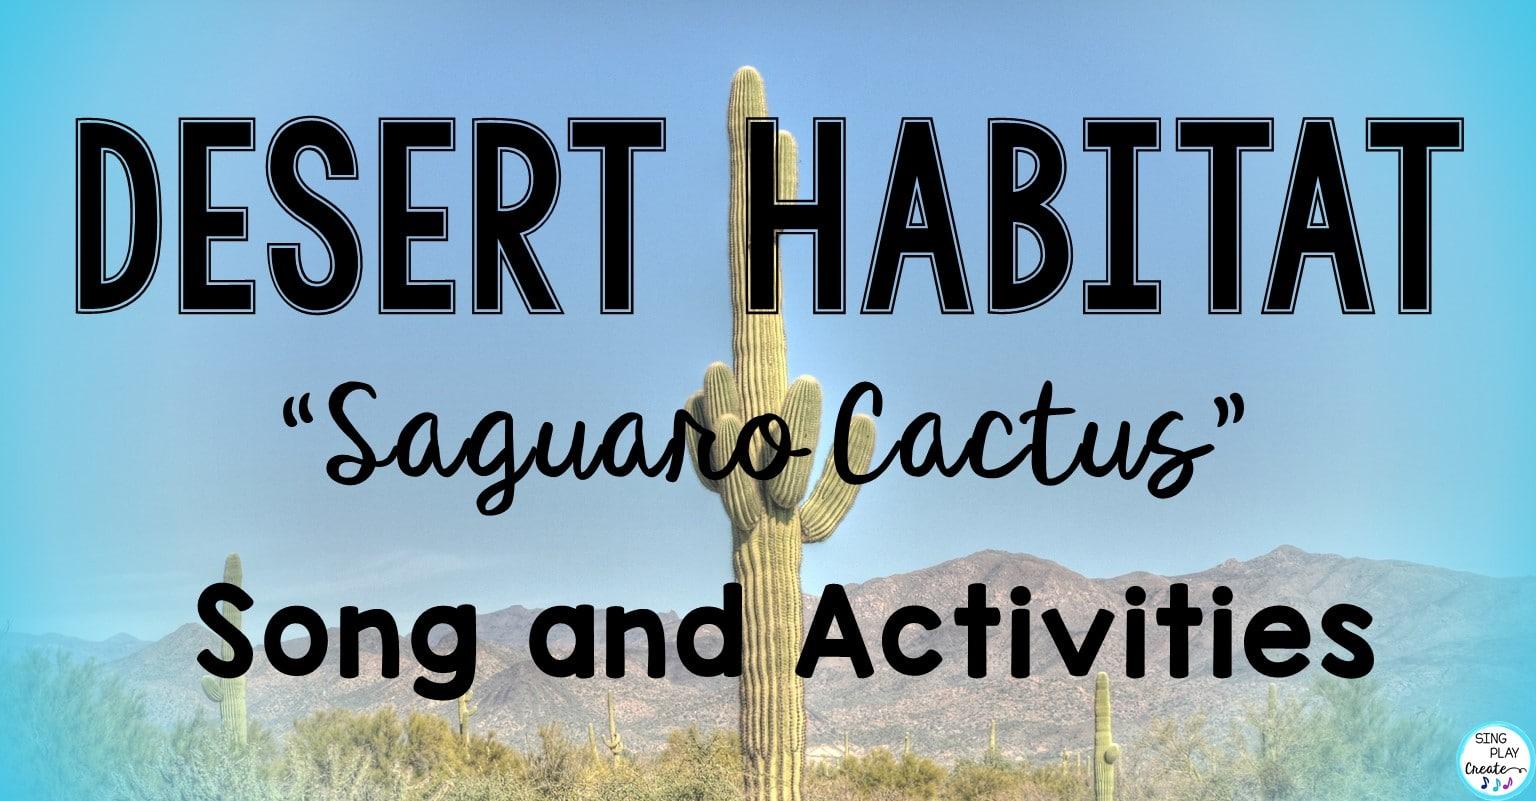 Desert Habitat Educational Song Saguaro Cactus